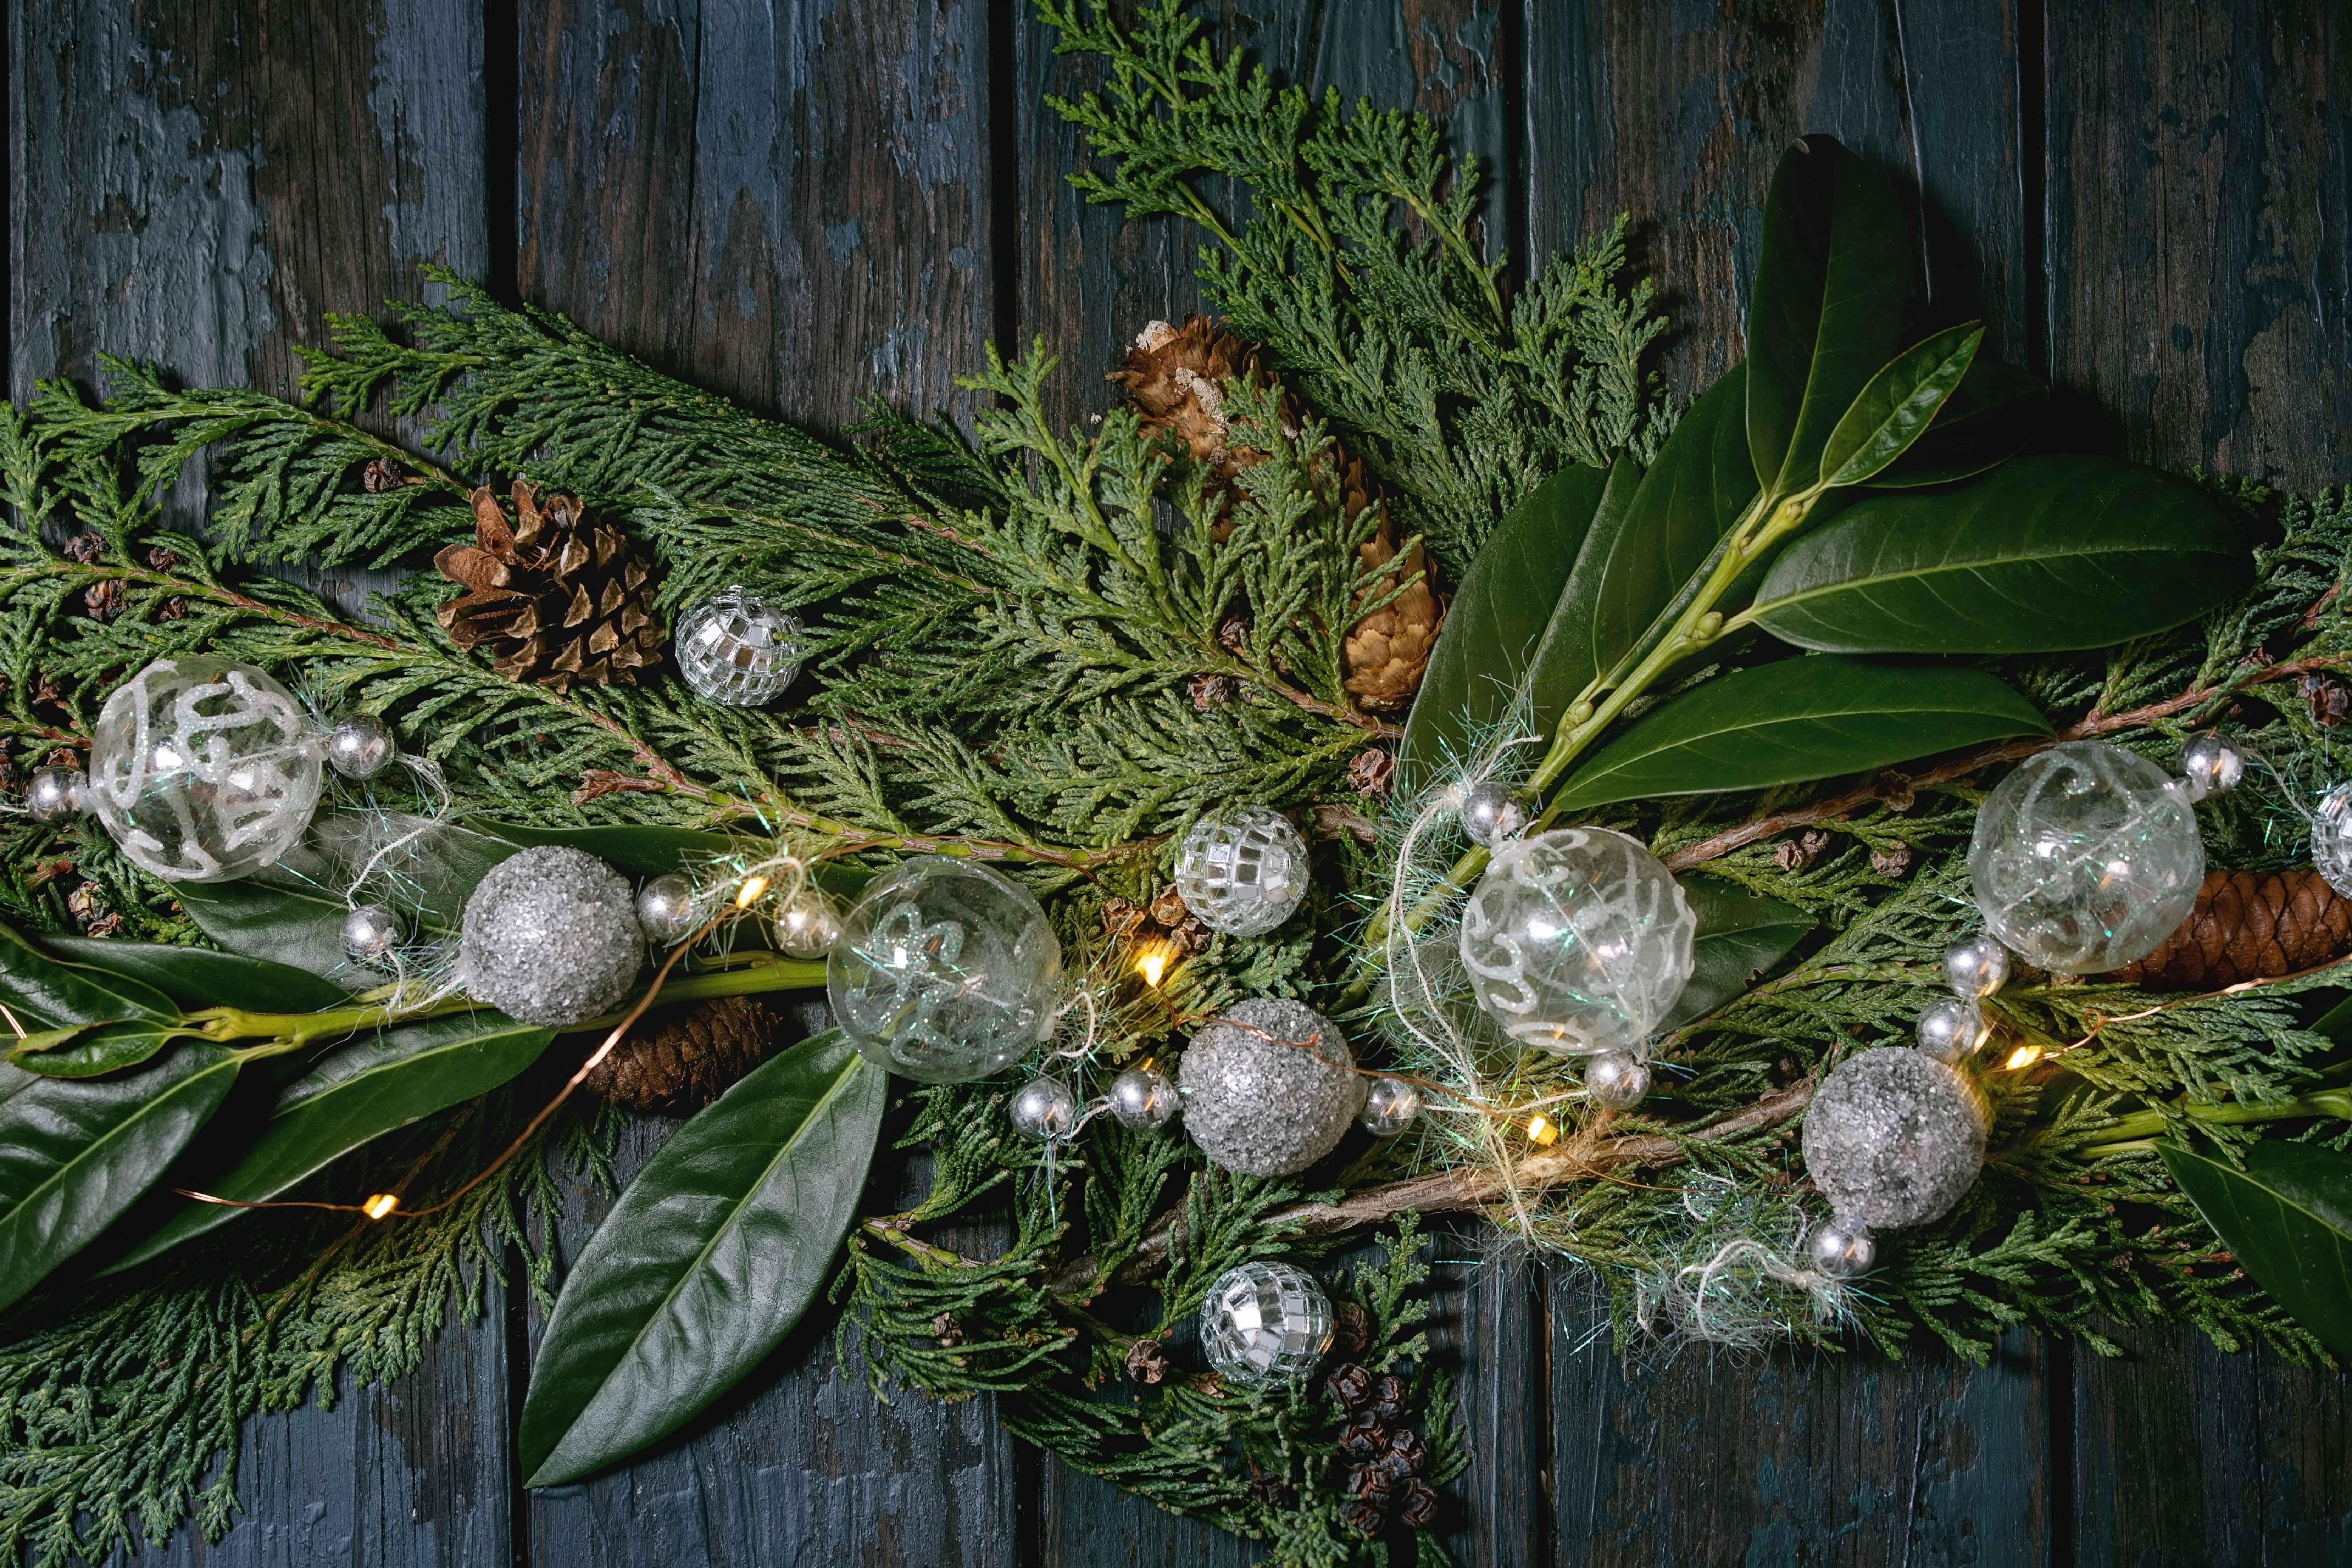 De mooiste kerstsetting image